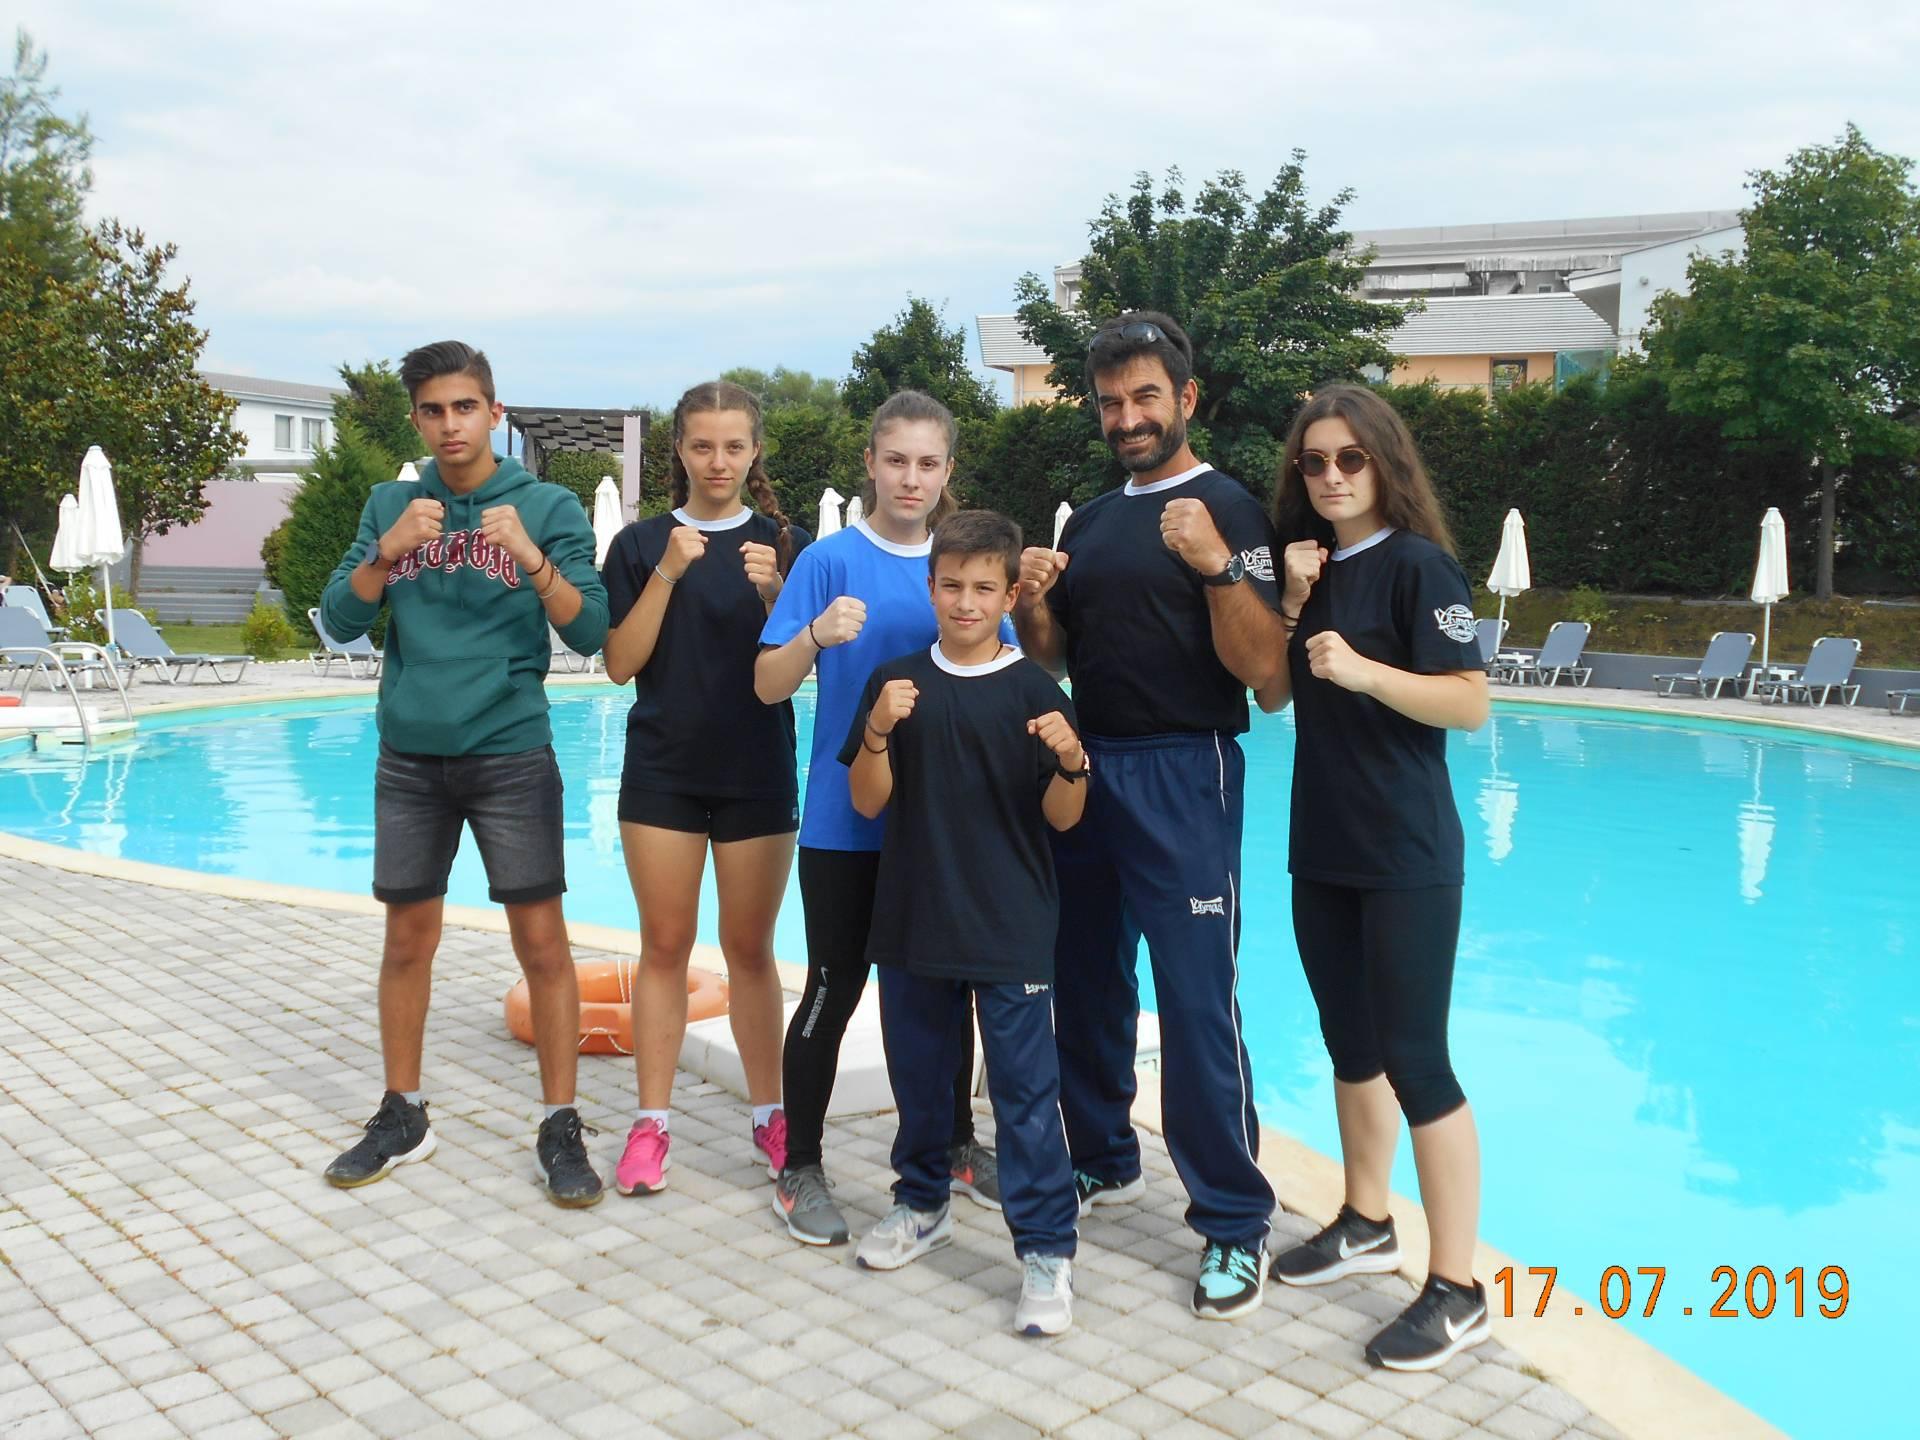 Ο Α.Γ.Σ. Ελιμειώτης TSEPIDIS BOXING CLUB στην αγωνιστική εκδήλωση TITANIA EVENTS